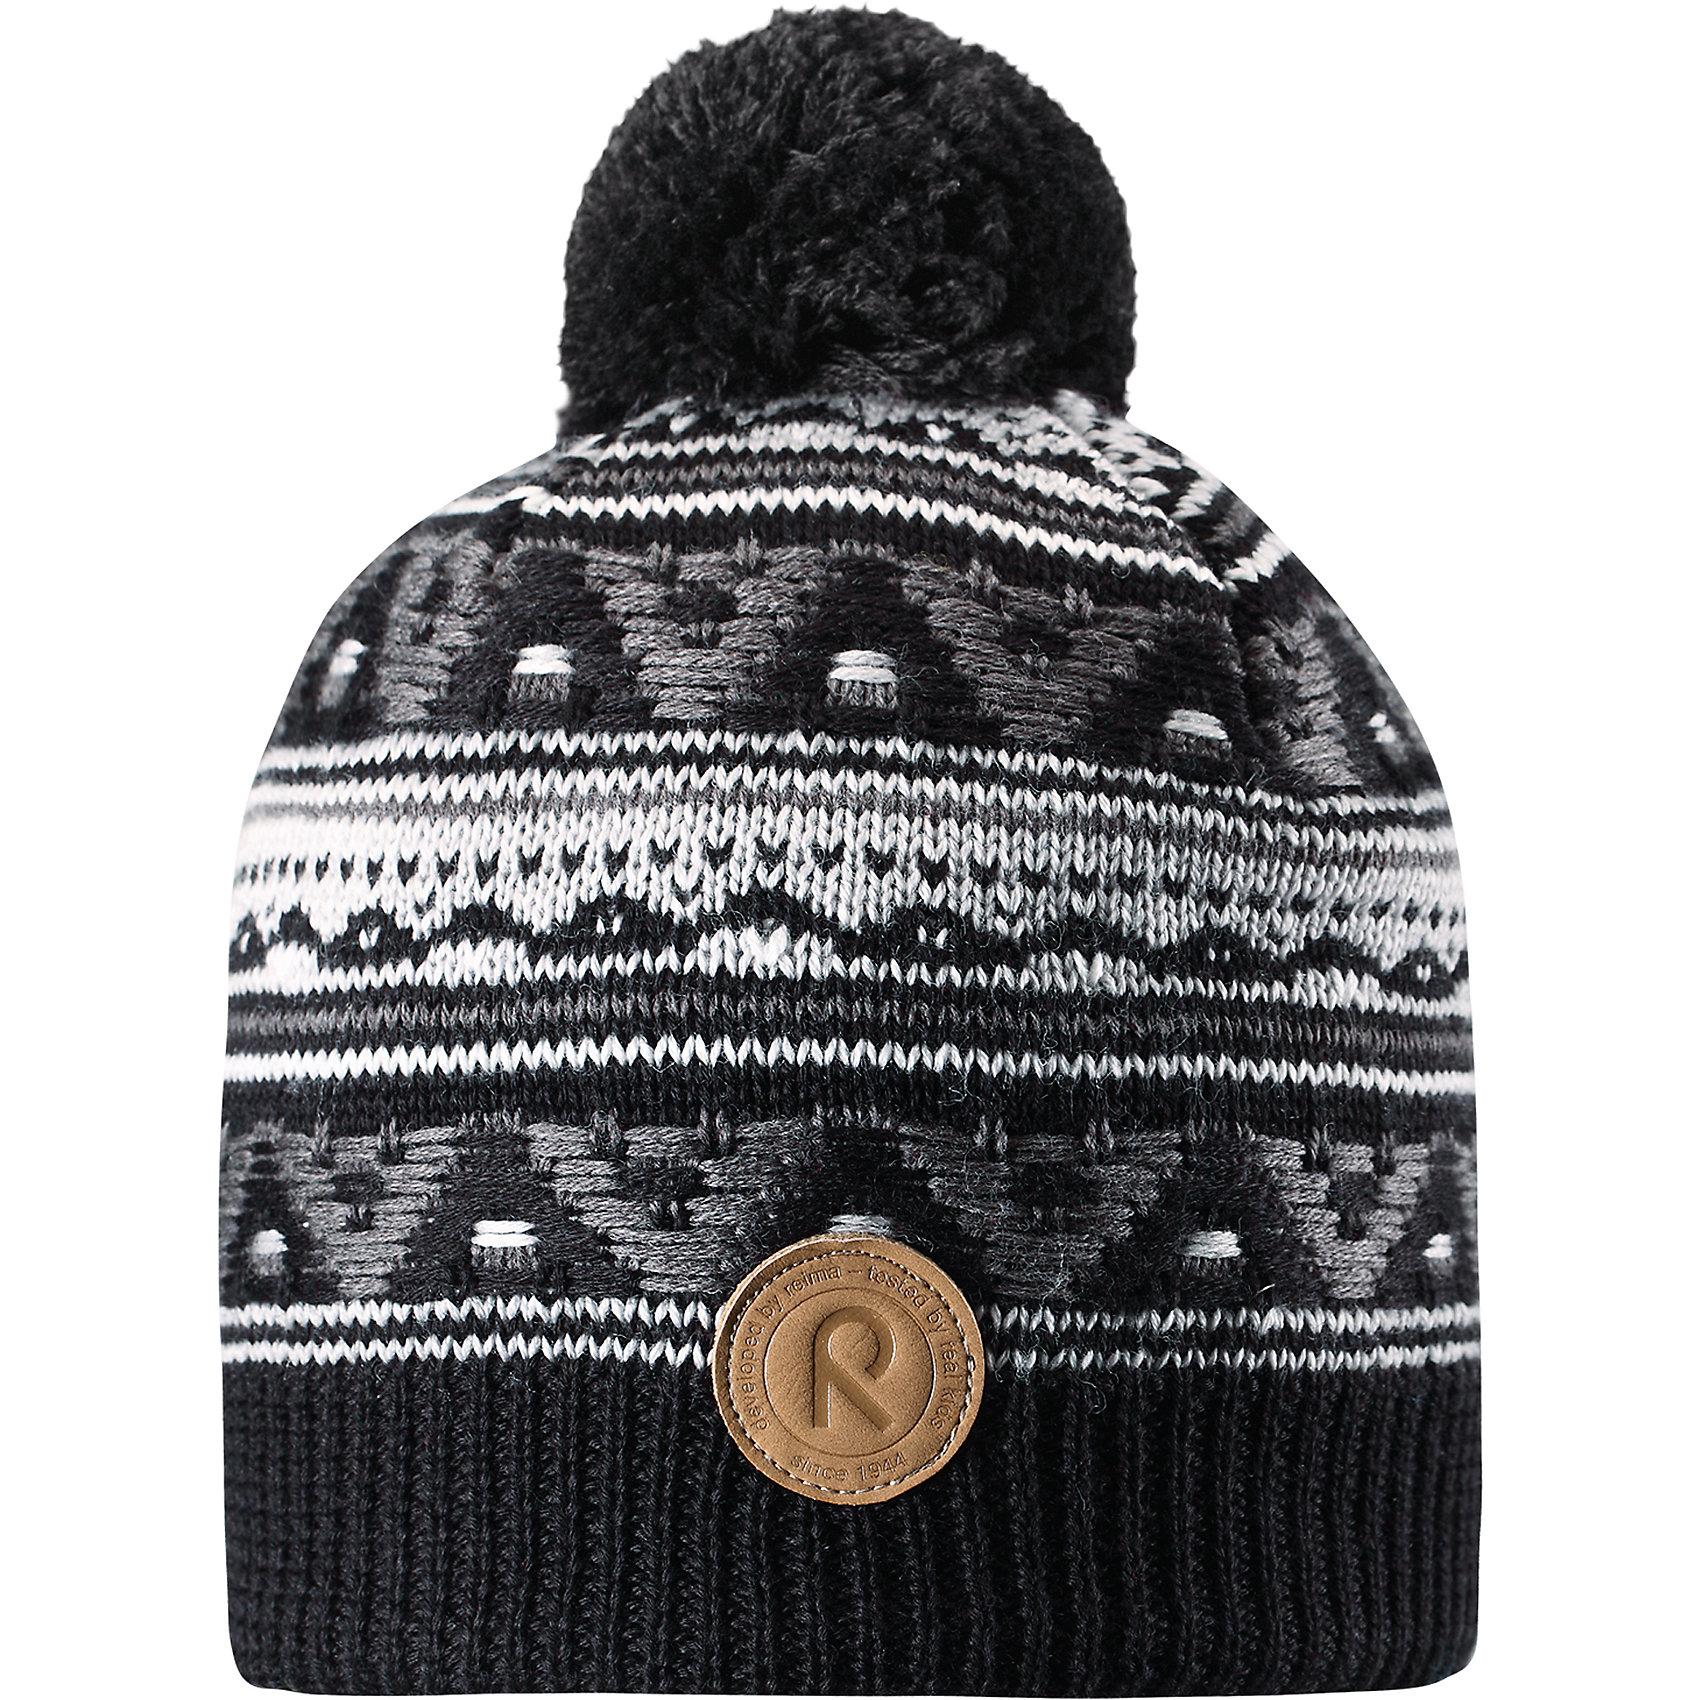 Шапка Neulanen ReimaГоловные уборы<br>Детская шапка из теплого шерстяного трикотажа. Материал превосходно регулирует температуру и хорошо согревает голову. Ветронепроницаемые вставки и подкладка из мягкого флиса. Декоративный вязаный узор и помпон на макушке довершают образ.<br>Состав:<br>50% Шерсть, 50% Полиакрил<br><br>Ширина мм: 89<br>Глубина мм: 117<br>Высота мм: 44<br>Вес г: 155<br>Цвет: серый<br>Возраст от месяцев: 84<br>Возраст до месяцев: 144<br>Пол: Унисекс<br>Возраст: Детский<br>Размер: 56,52,54<br>SKU: 6906608